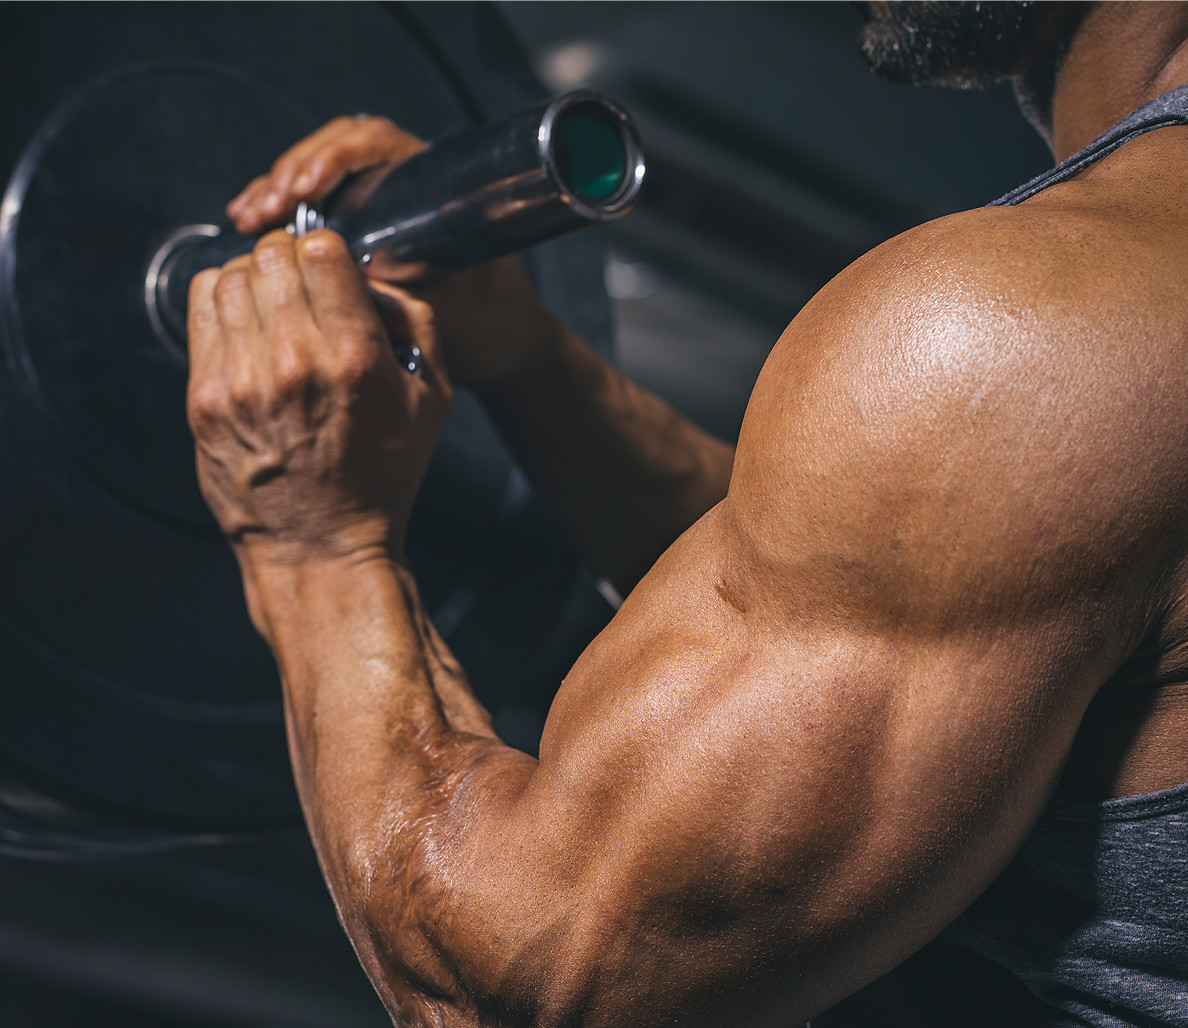 مهم ترین و اساسی ترین نکات و حرکات برای تمرین عضلات پشتی